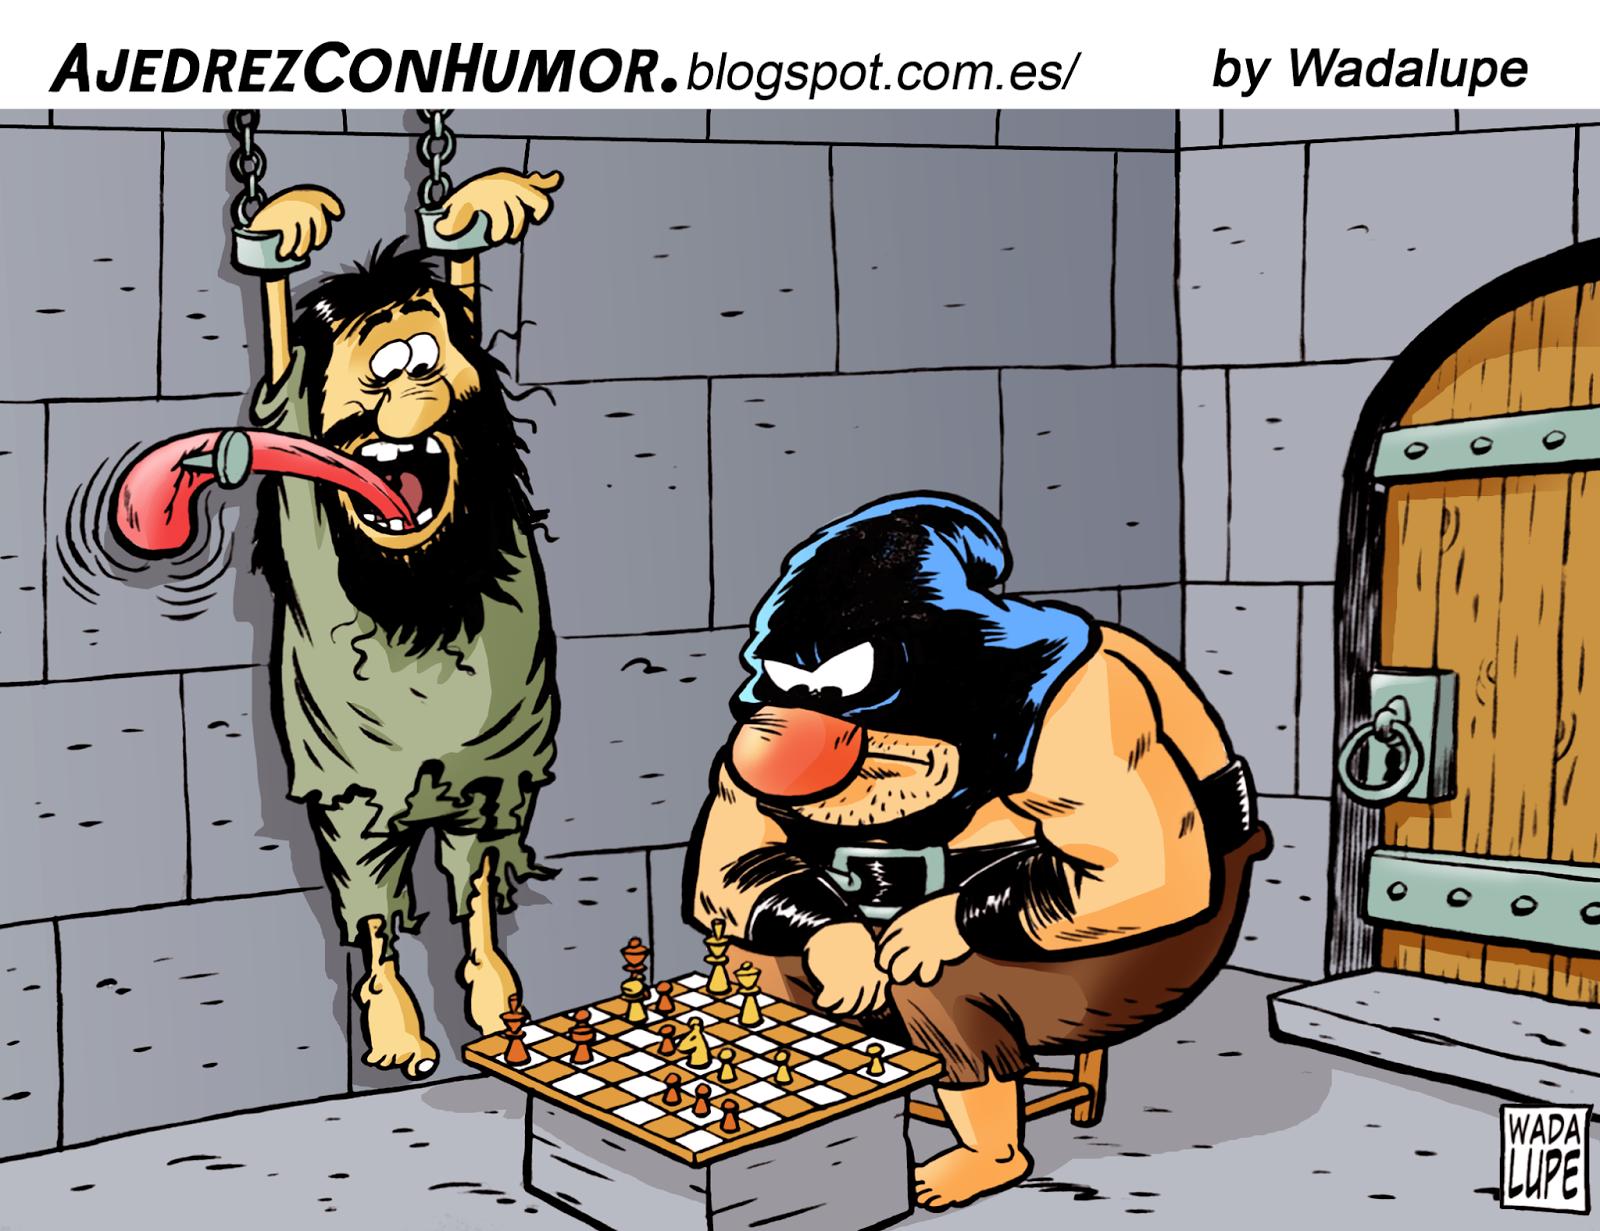 Humor en juego de tronos e histórico - Página 7 Juego%2Blimpio%2Bmedieval